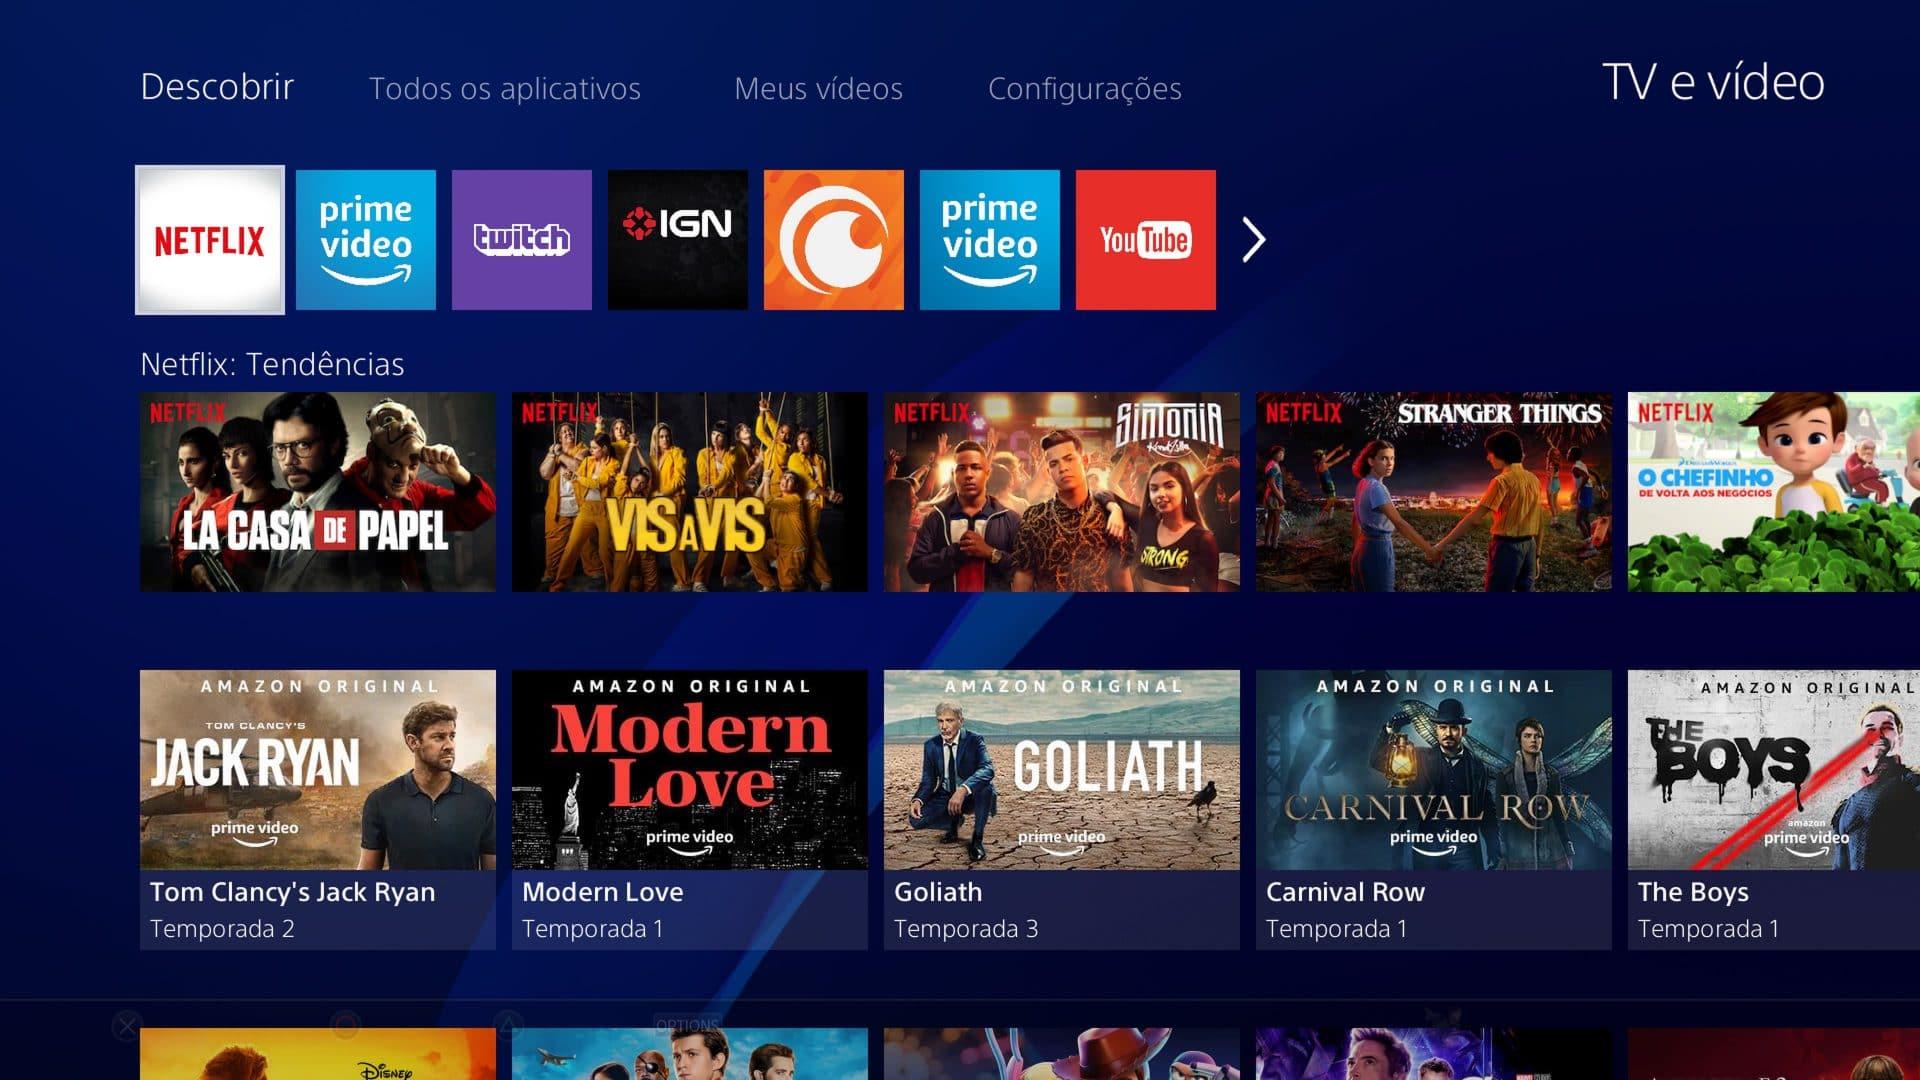 PlayStation 4 tem atualização em seu sistema de TV e vídeo streaming